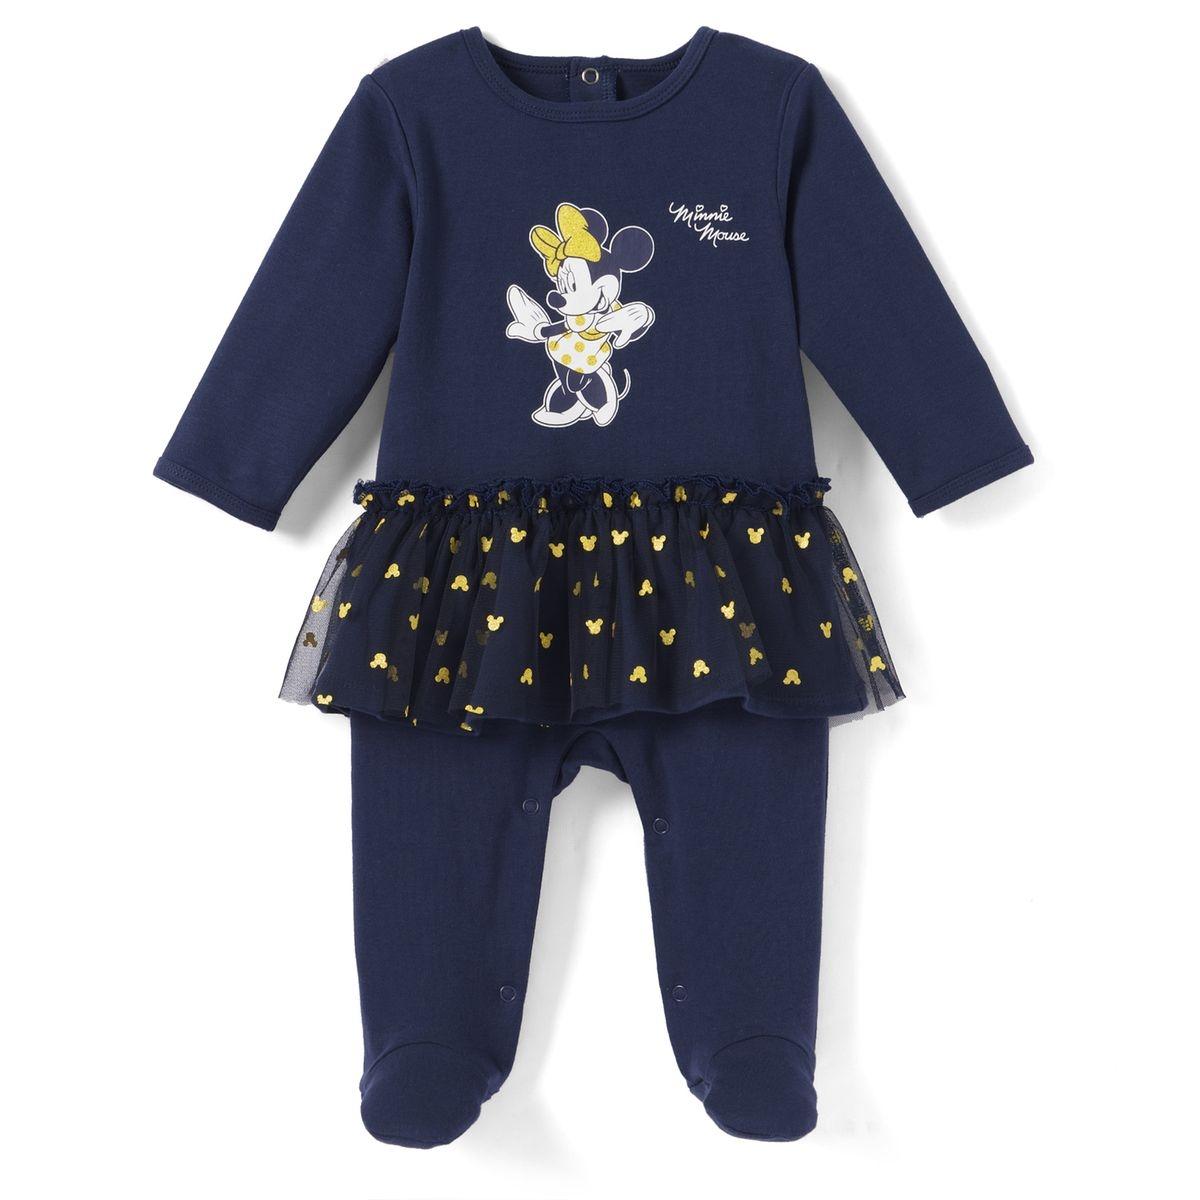 Pyjama 1 pièce, imprimé Minnie Mouse, volants